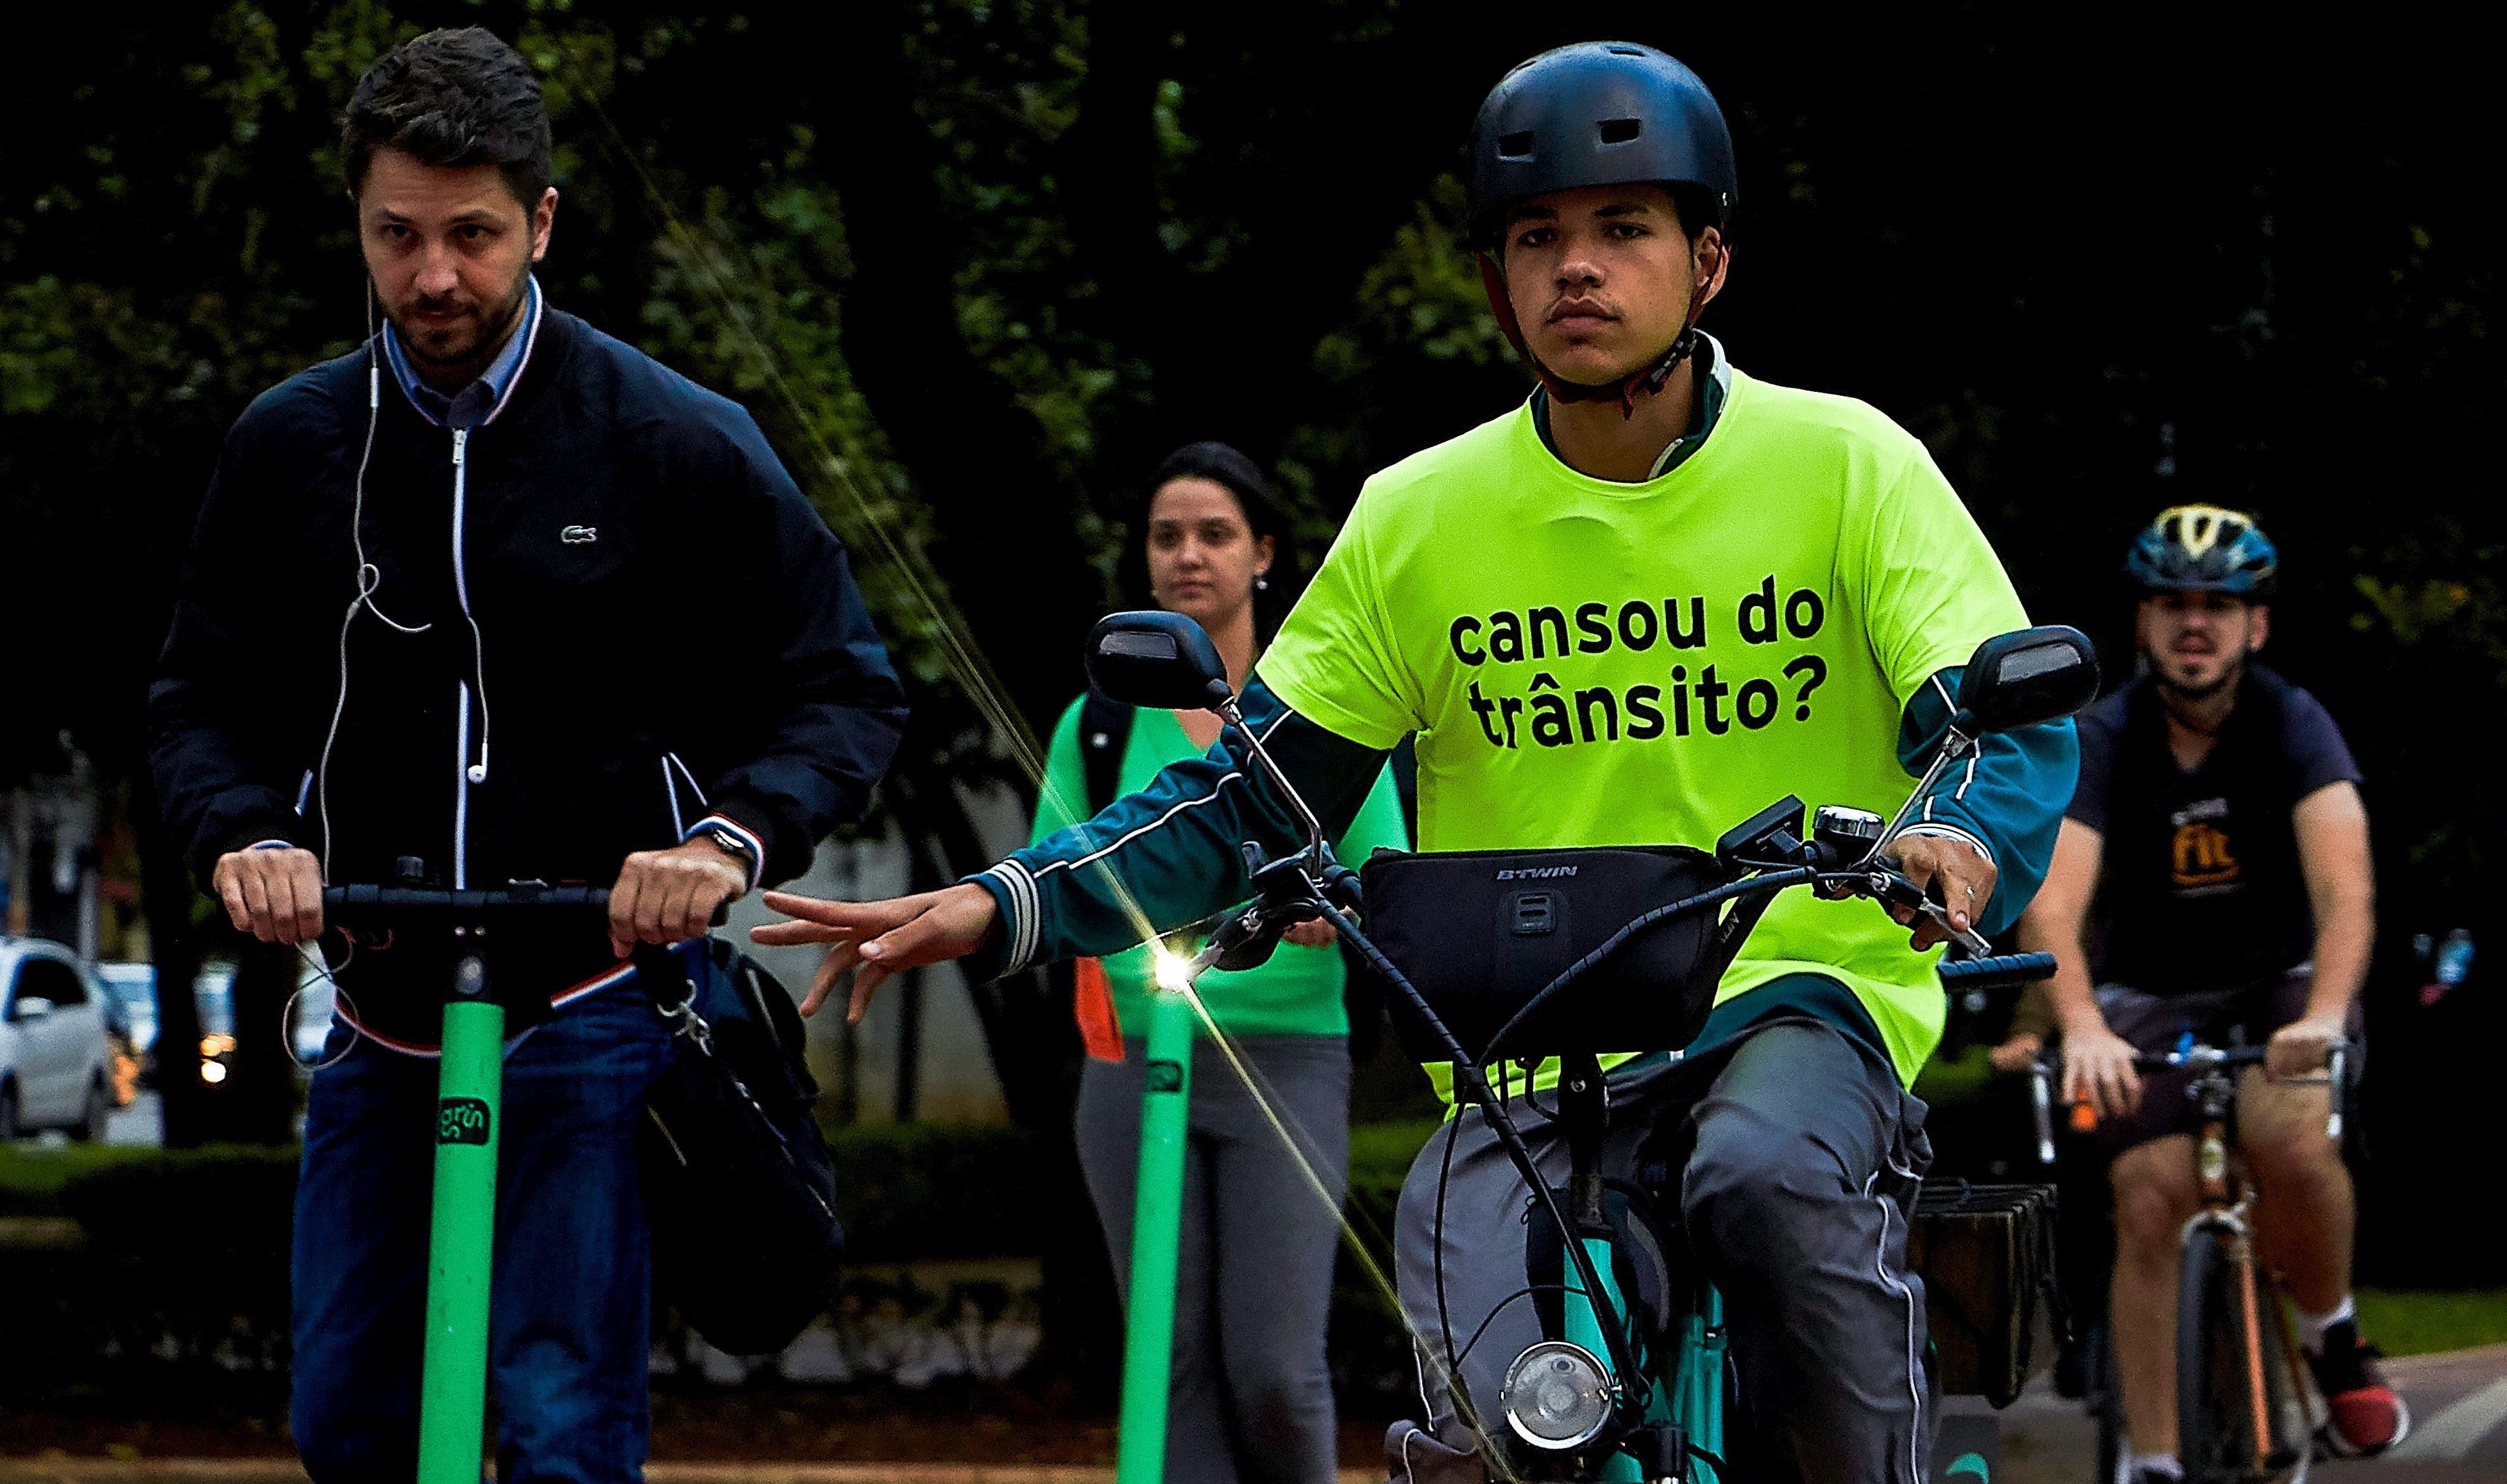 Bicicletas e patinetes reafirmam a importância de modais sustentáveis em São Paulo